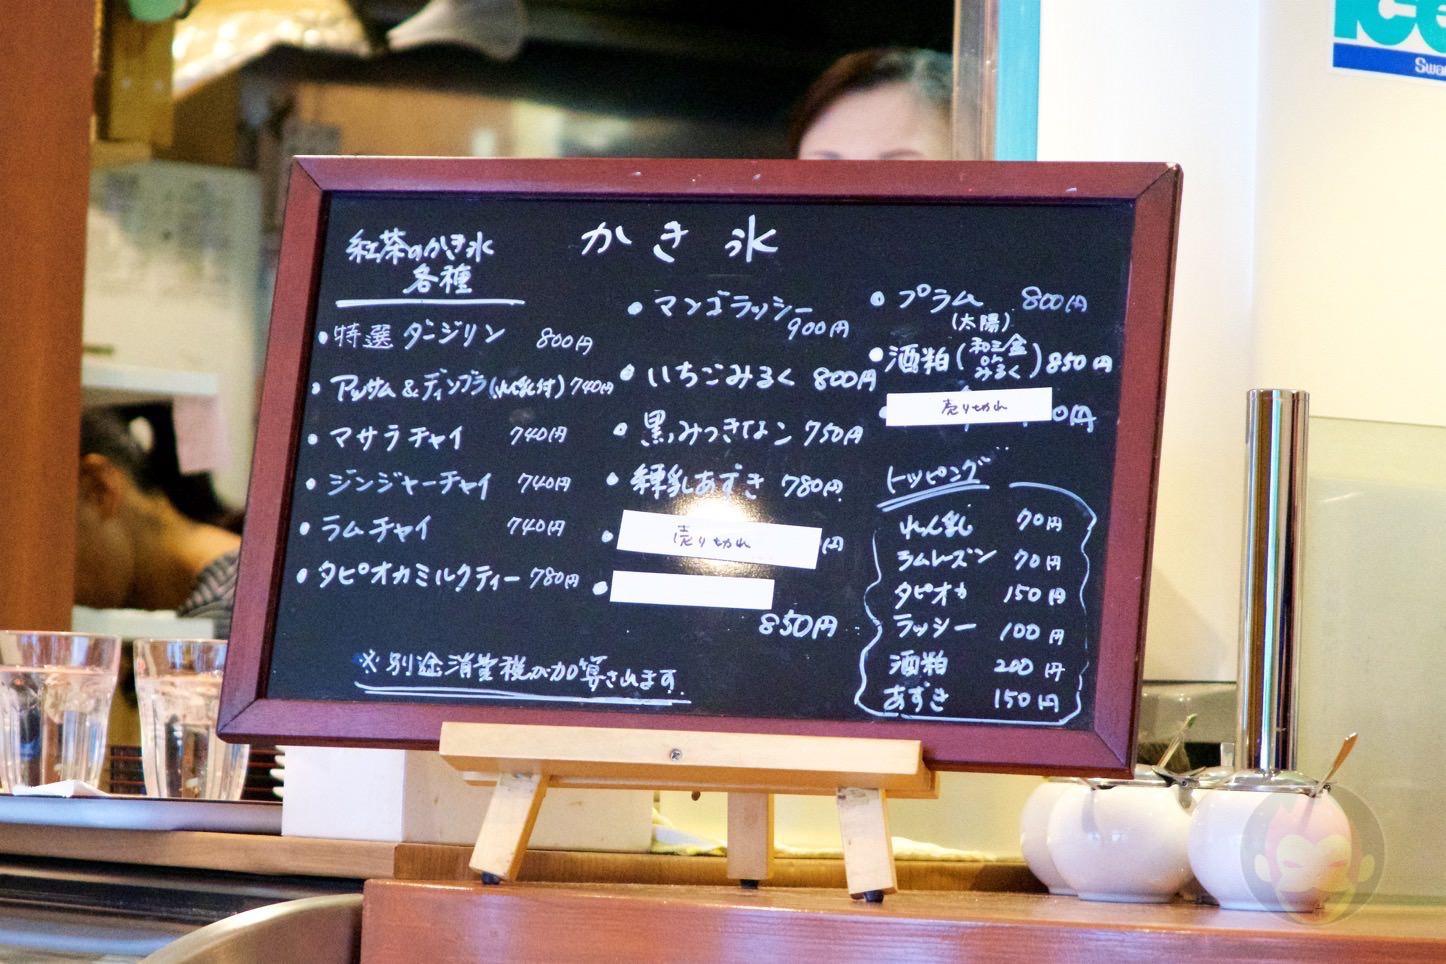 mayoortea-miyazakidai-01.jpg